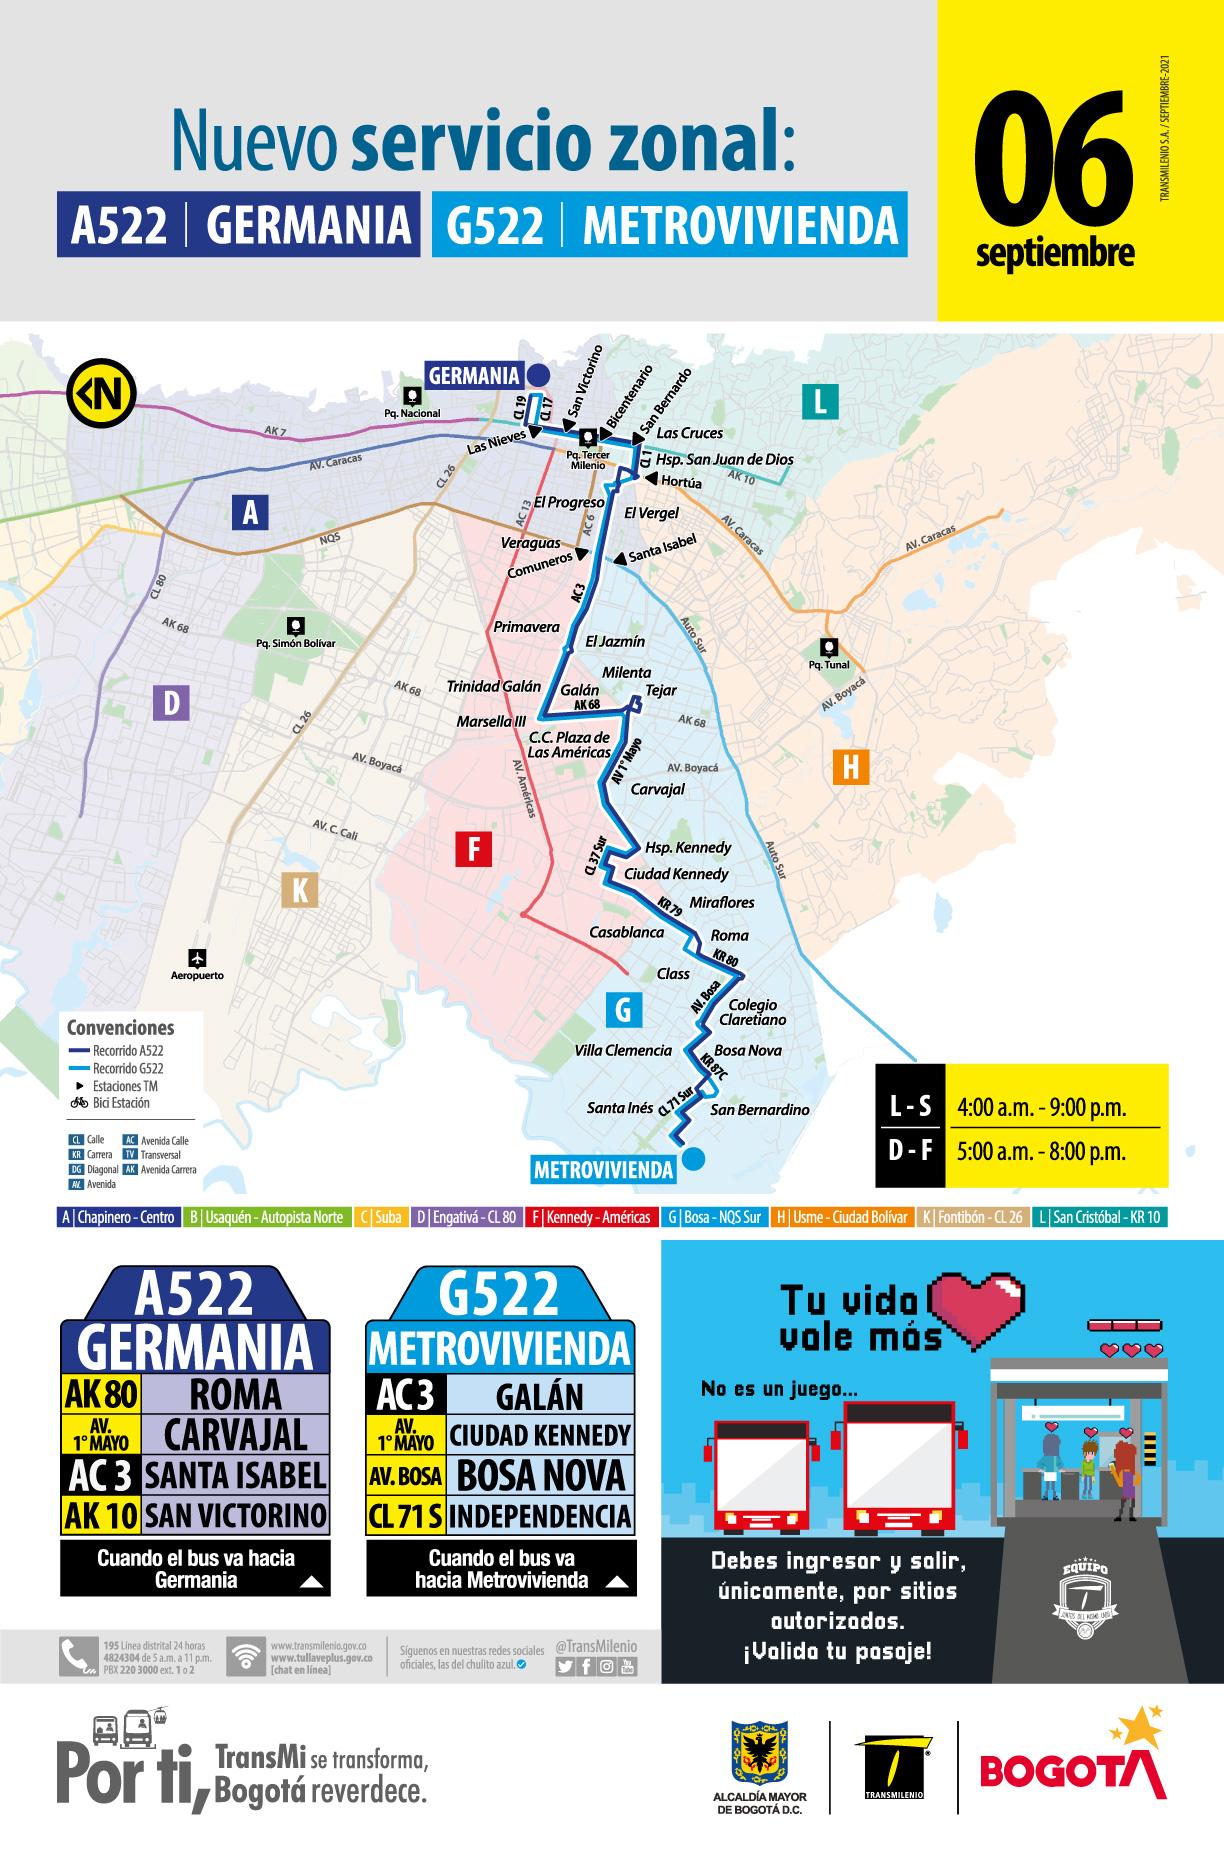 A522 Germania - G522 Metrovivienda